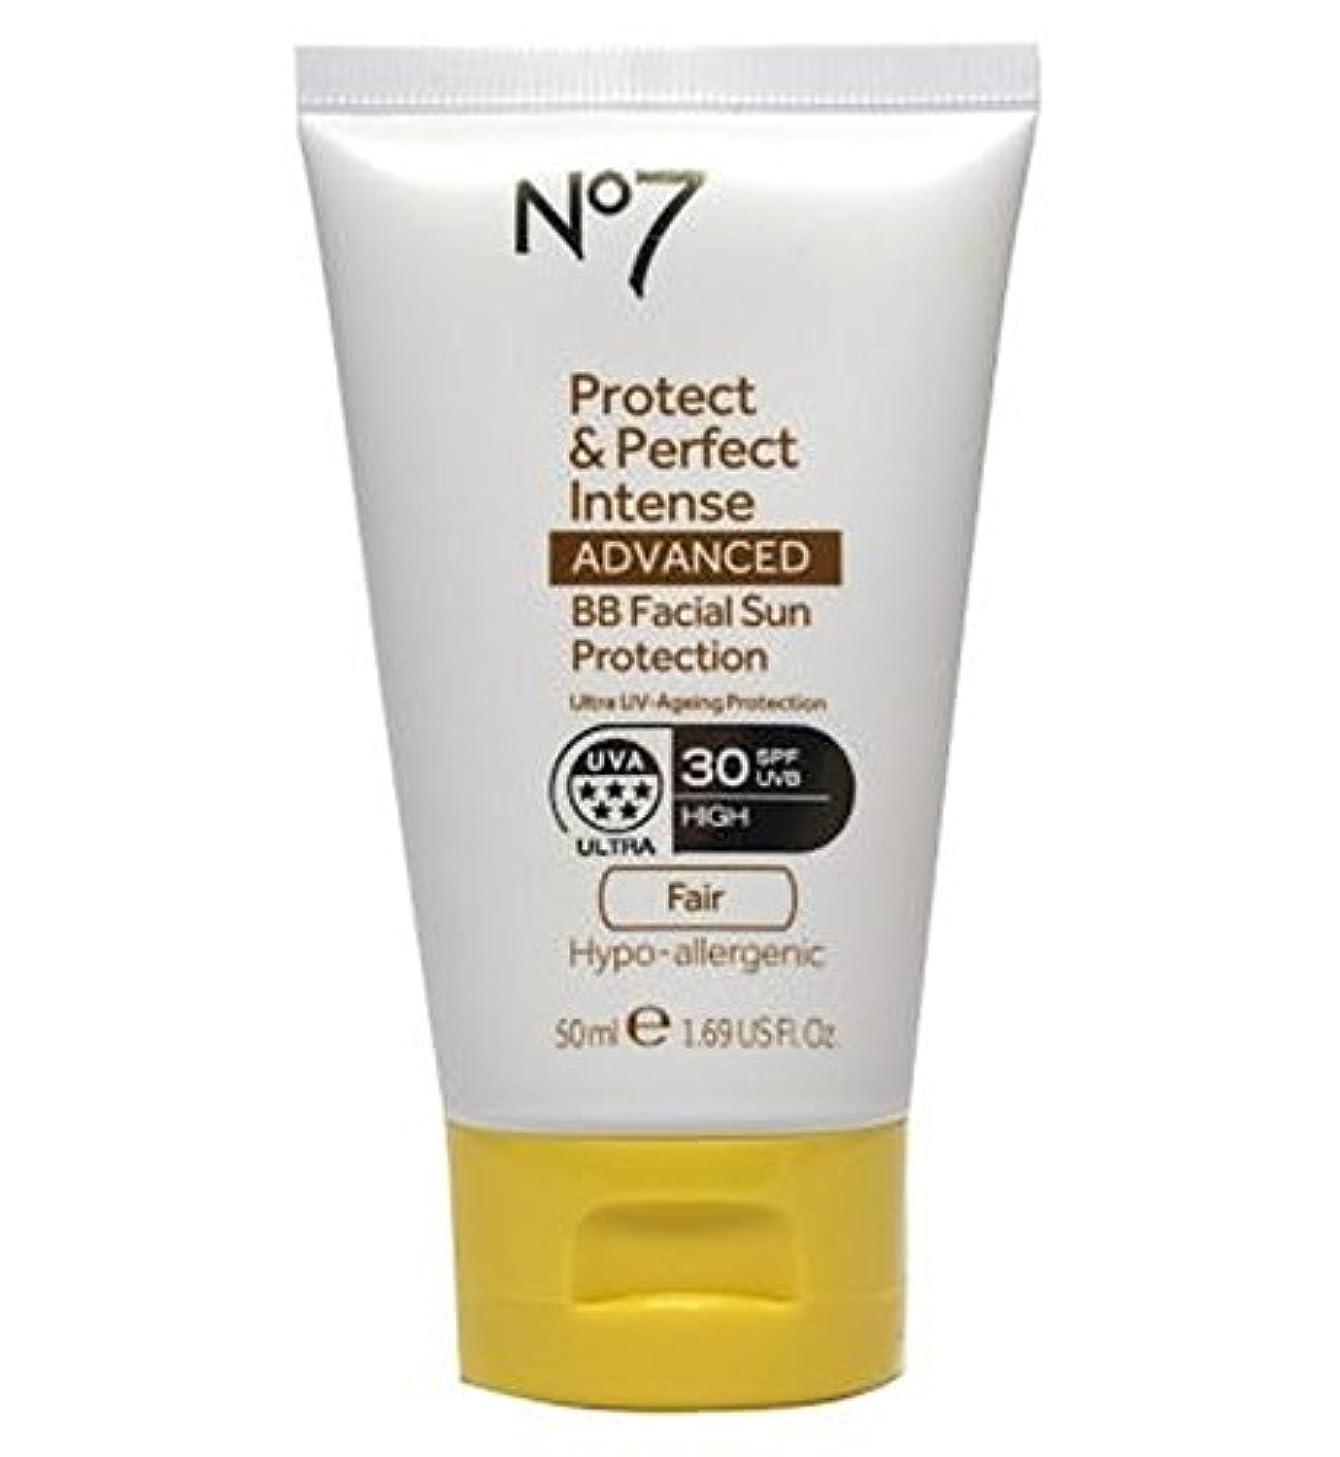 明るい二中断No7 Protect & Perfect Intense ADVANCED BB Facial Sun Protection SPF30 Light 50ml - No7保護&完璧な強烈な先進Bb顔の日焼け防止Spf30ライト50ミリリットル (No7) [並行輸入品]